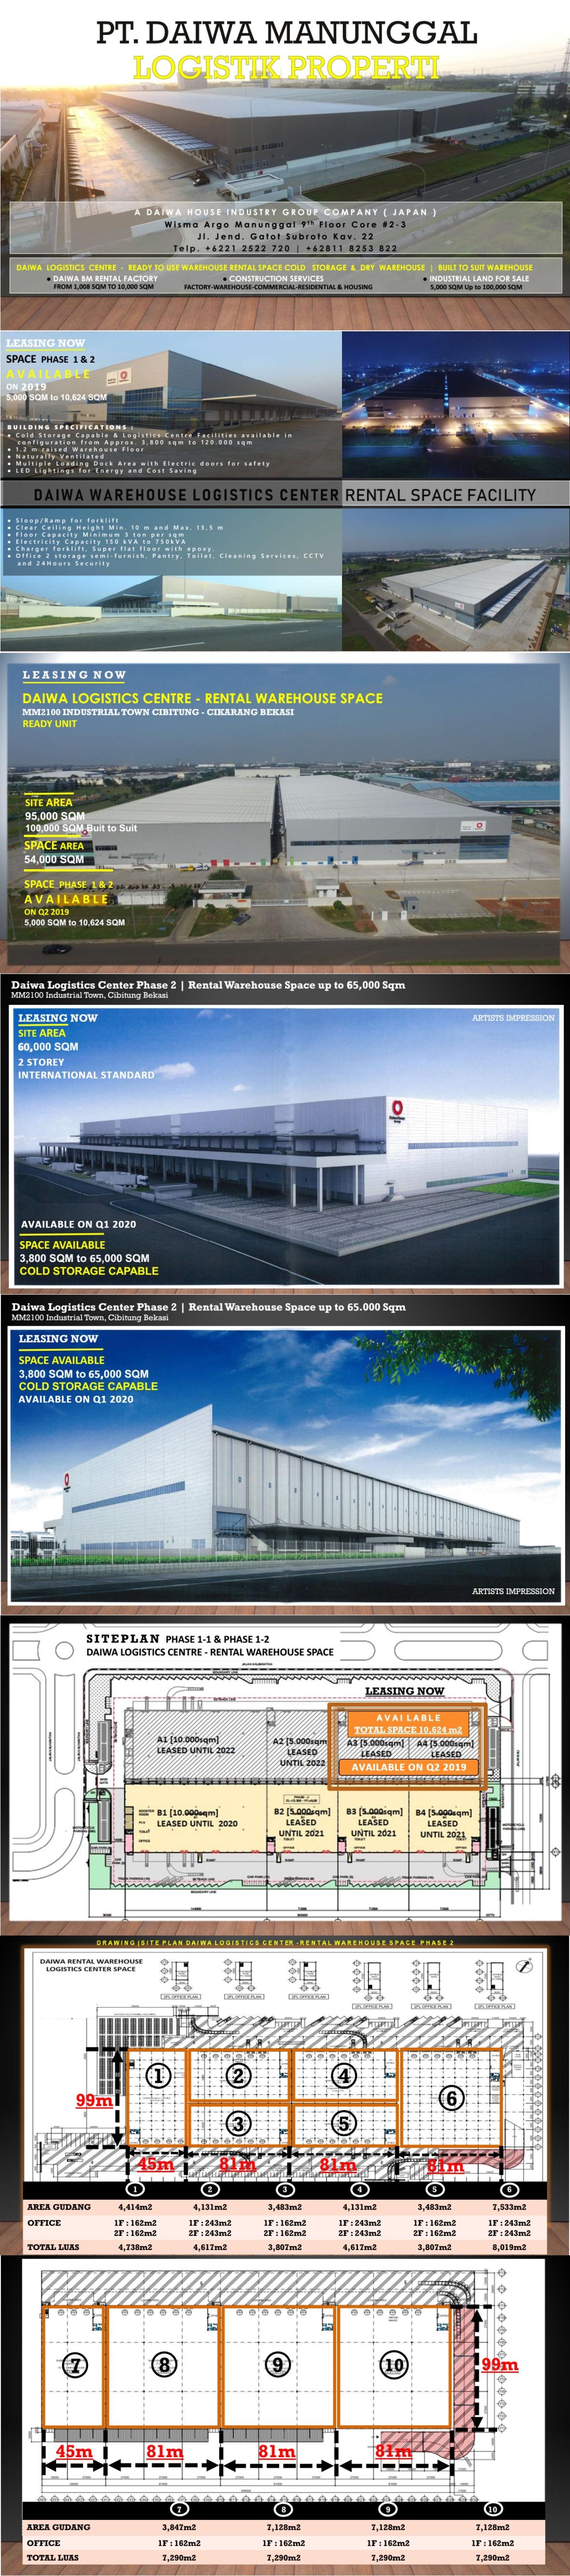 PP Company Profile